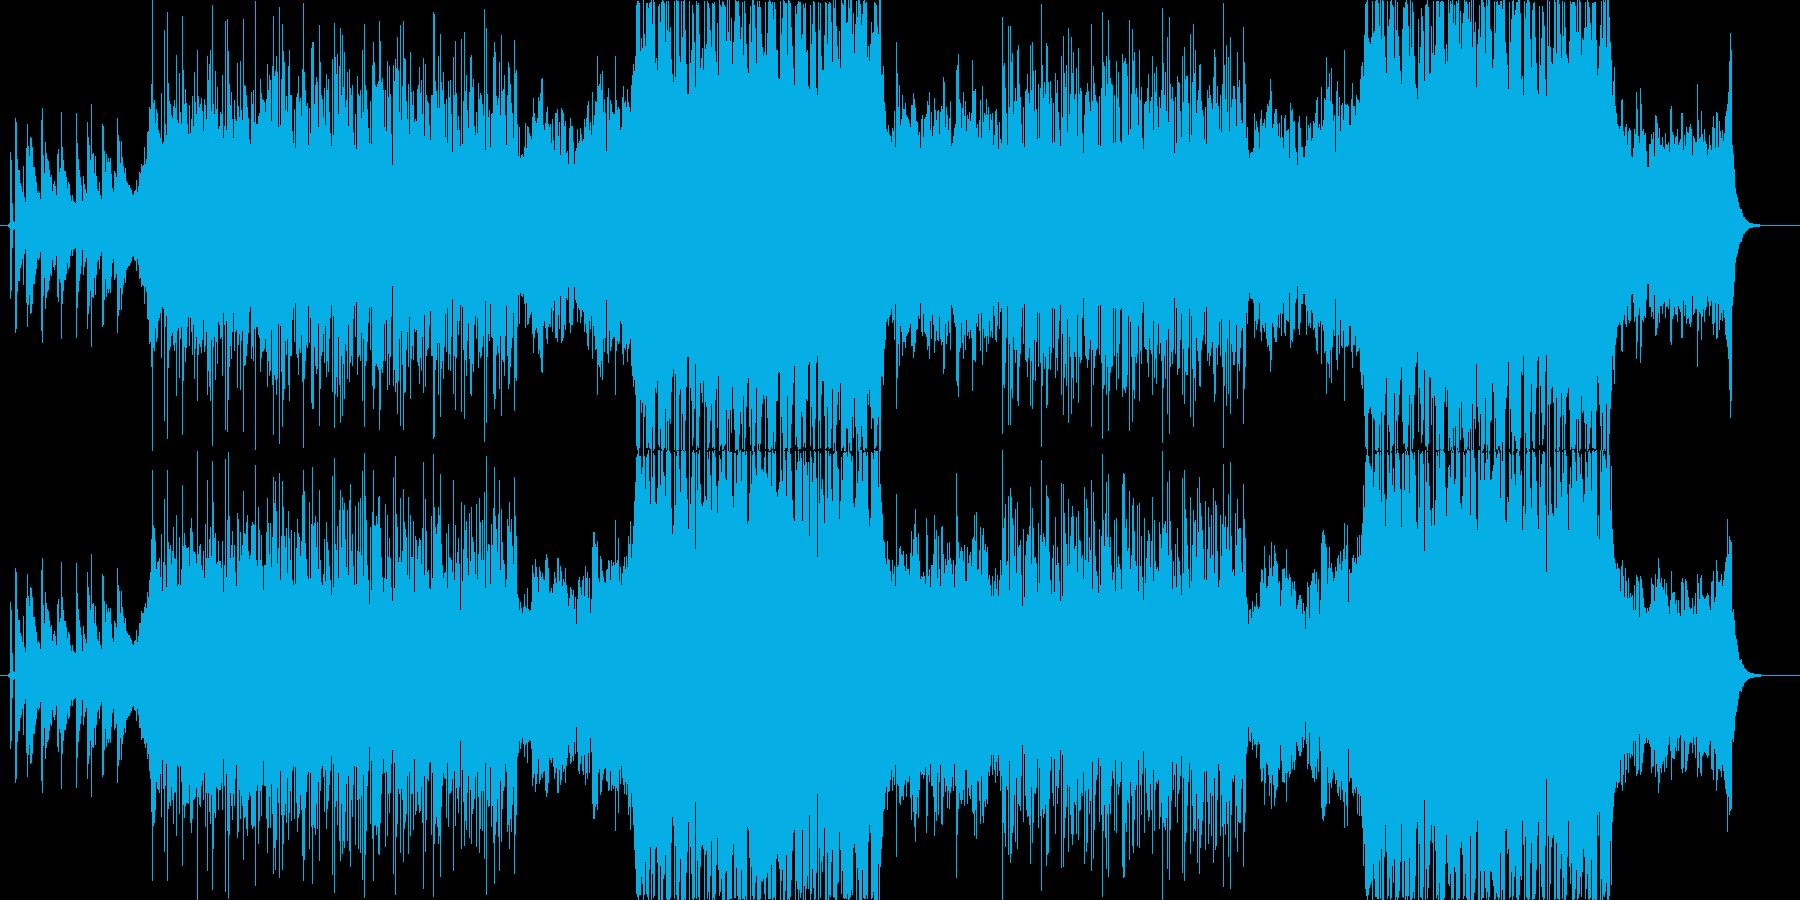 リラックスできる楽曲ですの再生済みの波形